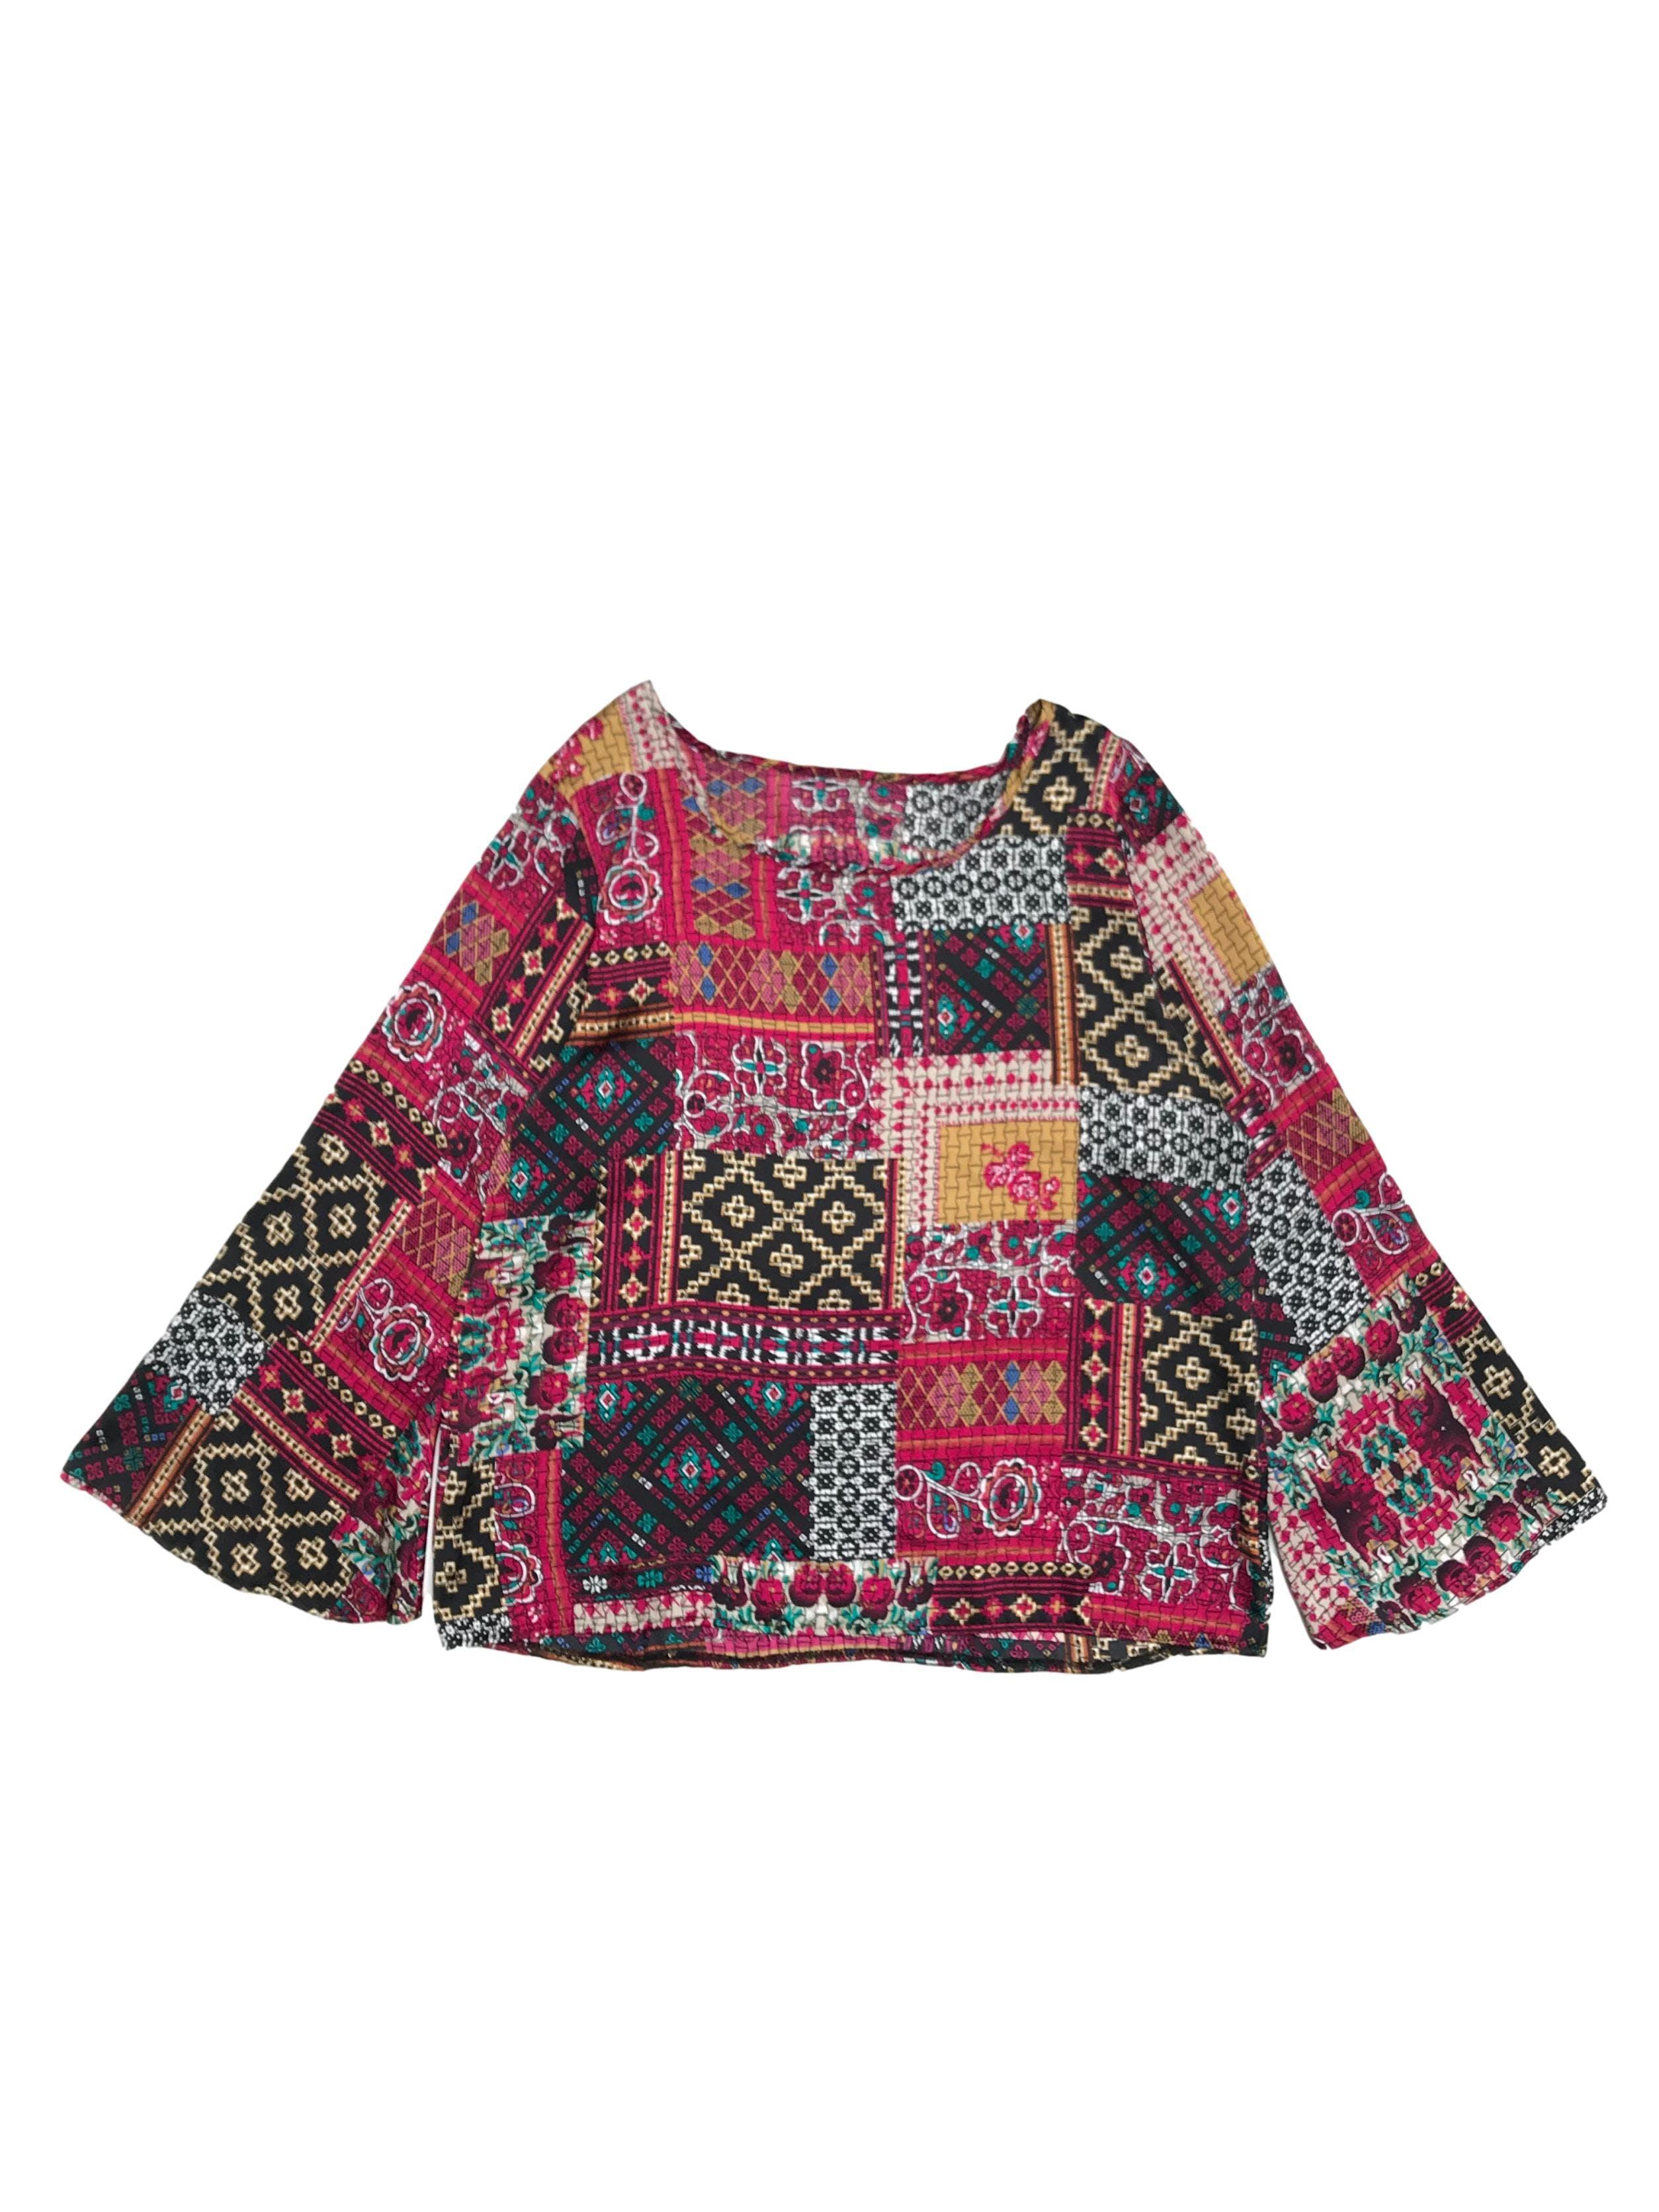 Blusa tipo seda con estampado estilo patchwork, manga semicampana